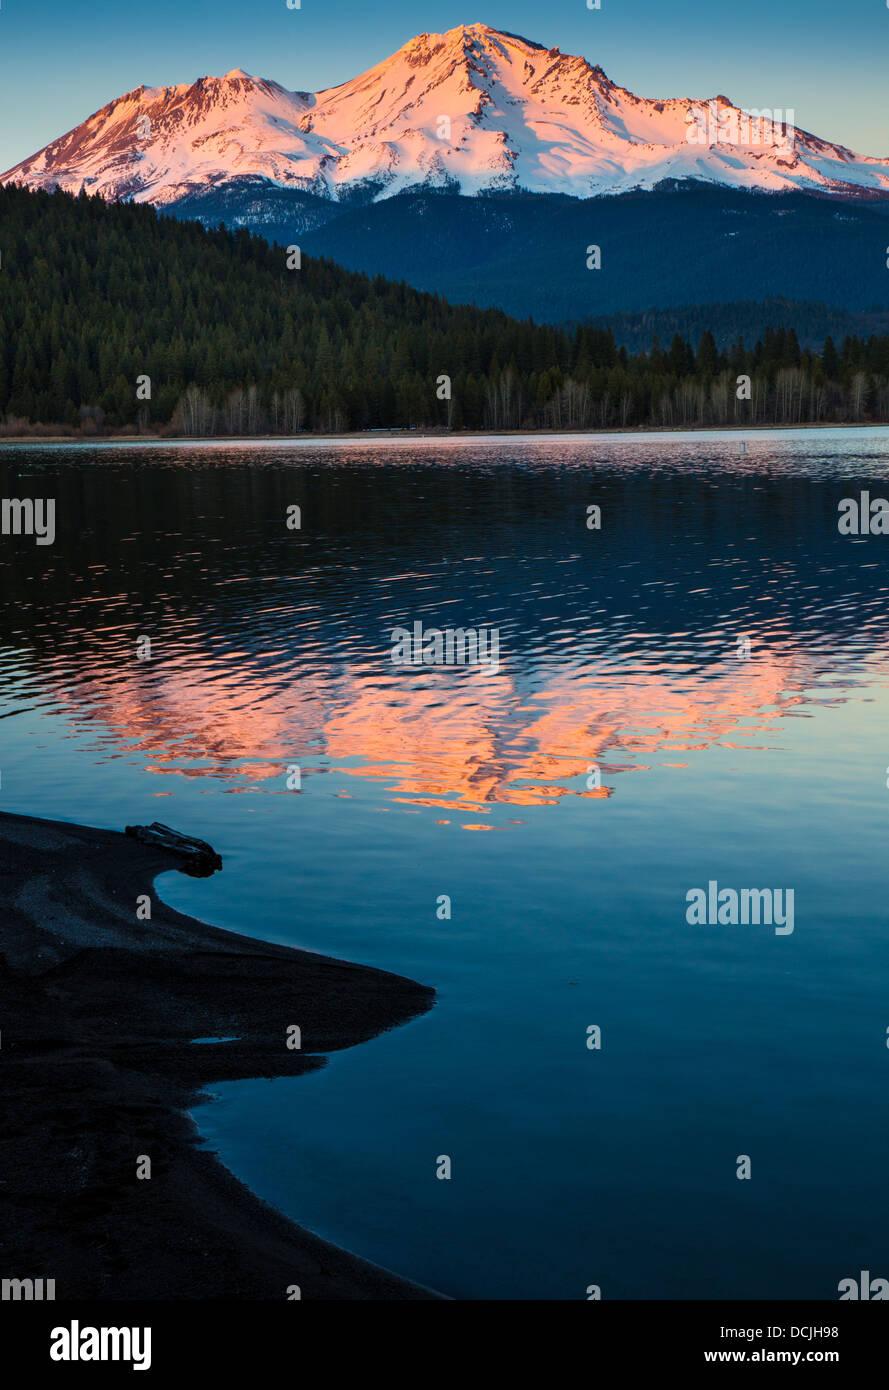 Mount Shasta riflettente nel vicino lago Siskiyou, California Immagini Stock